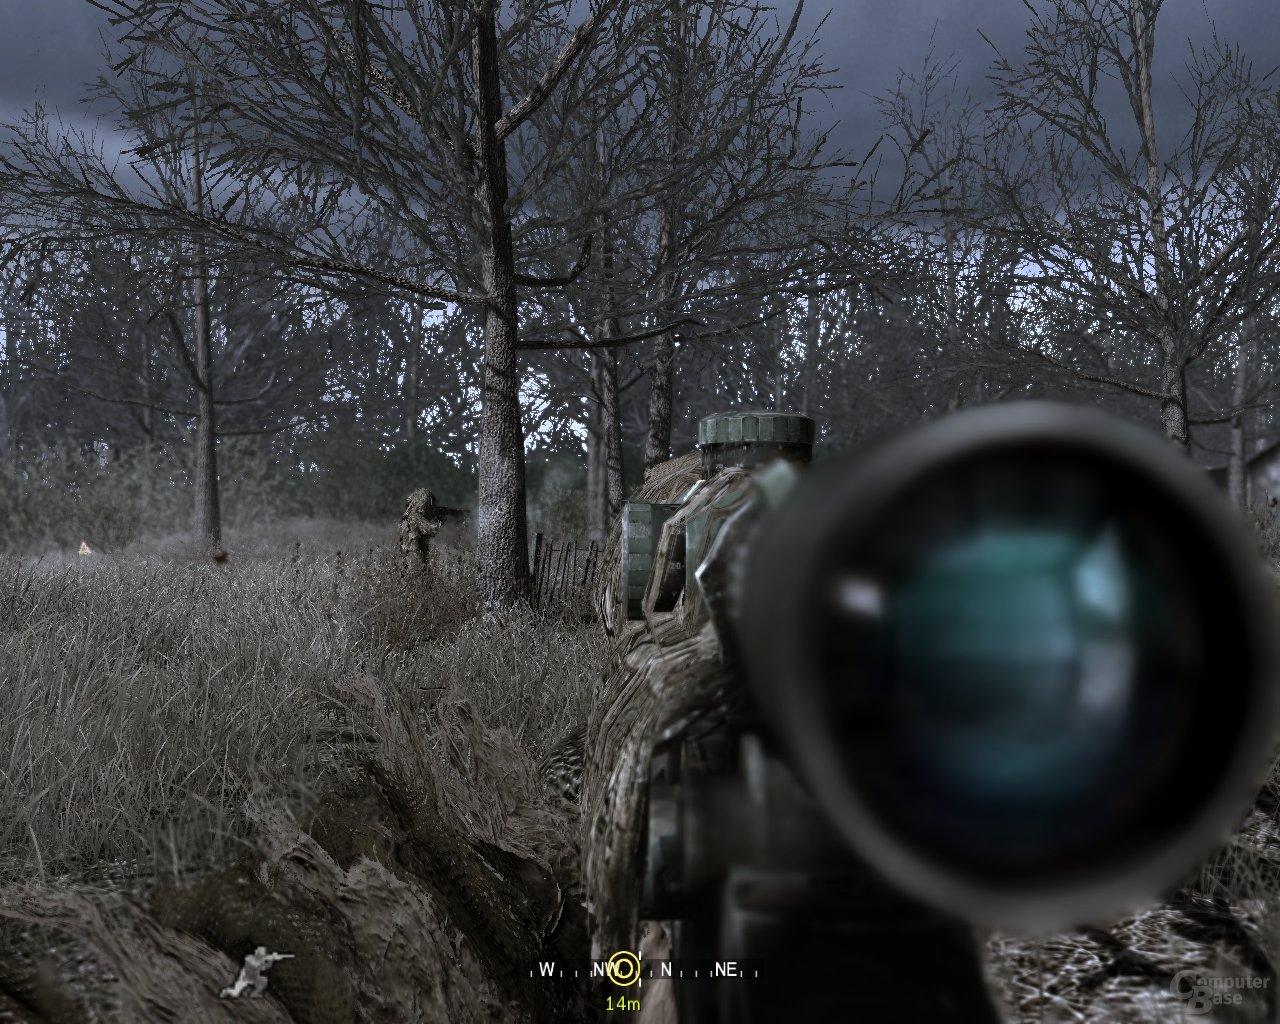 Call Of Duty 4 – Modern Warfare